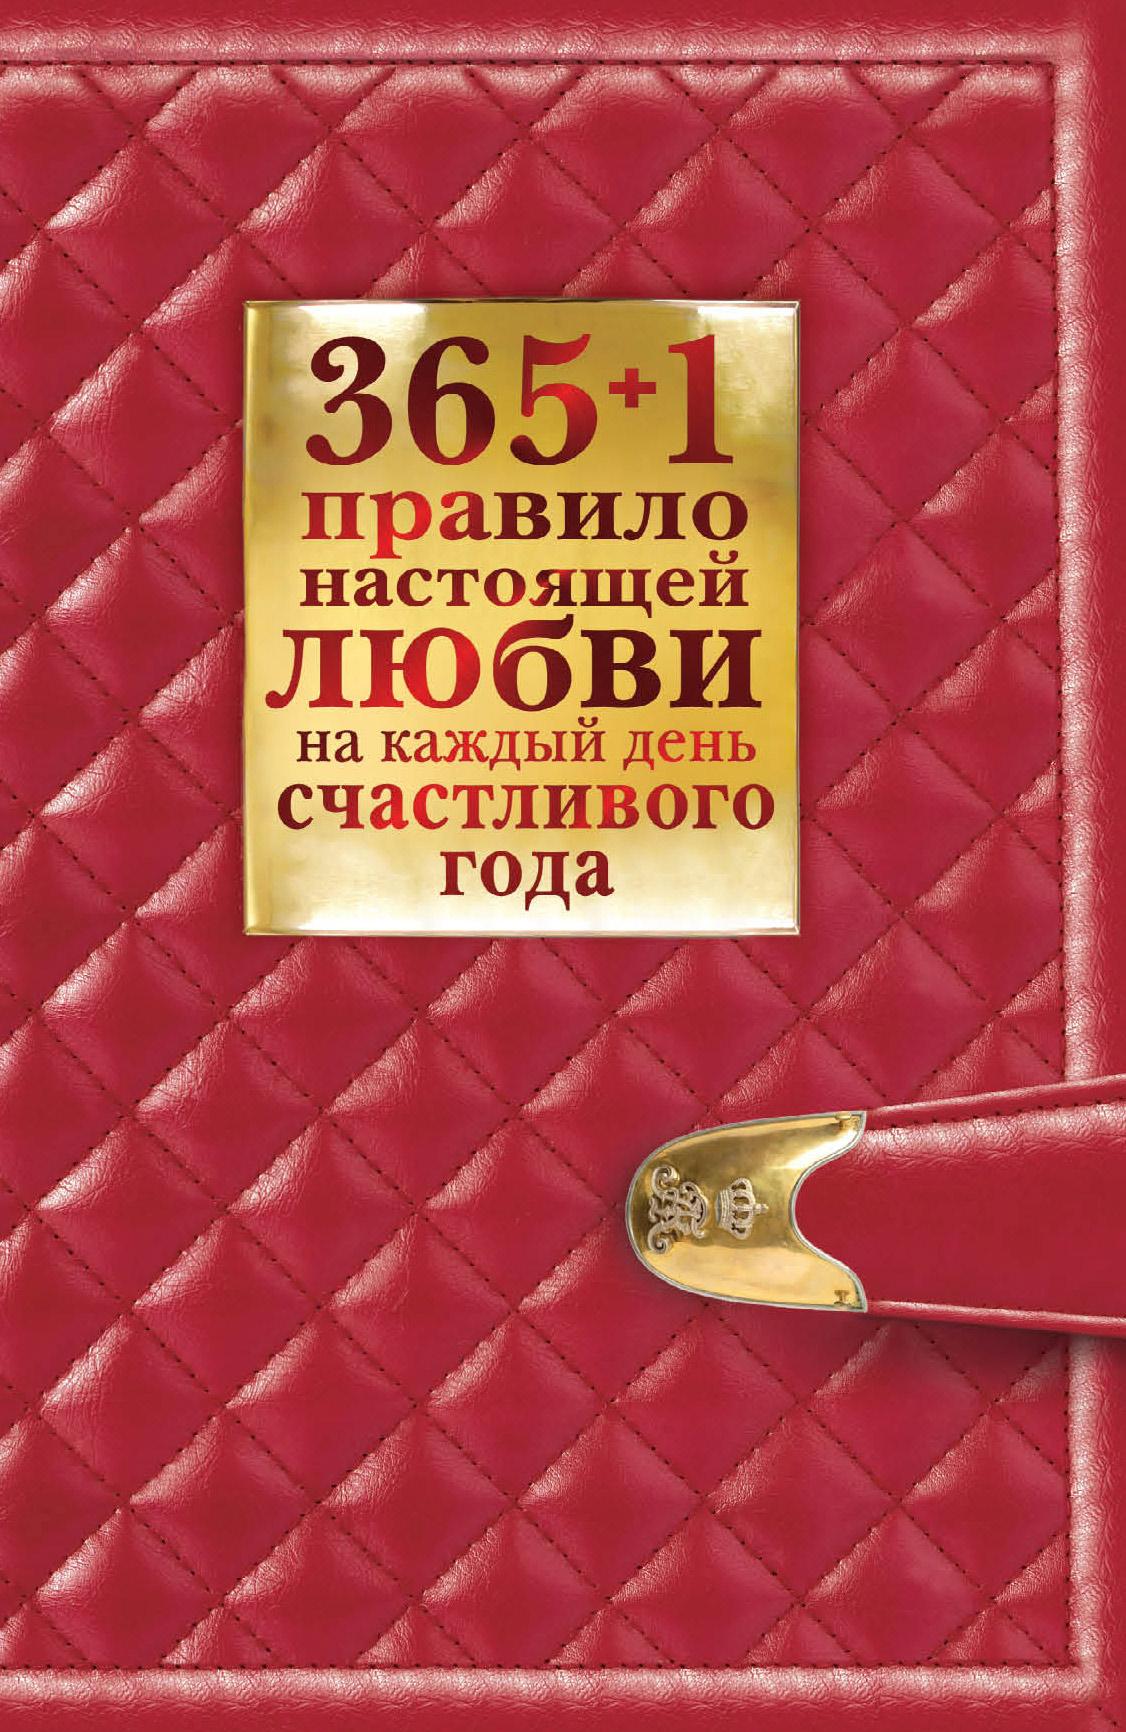 Диана Балыко 365 + 1 правило настоящей любви на каждый день счастливого года балыко д 365 1 правило настоящей любви на каждый день счастливого года